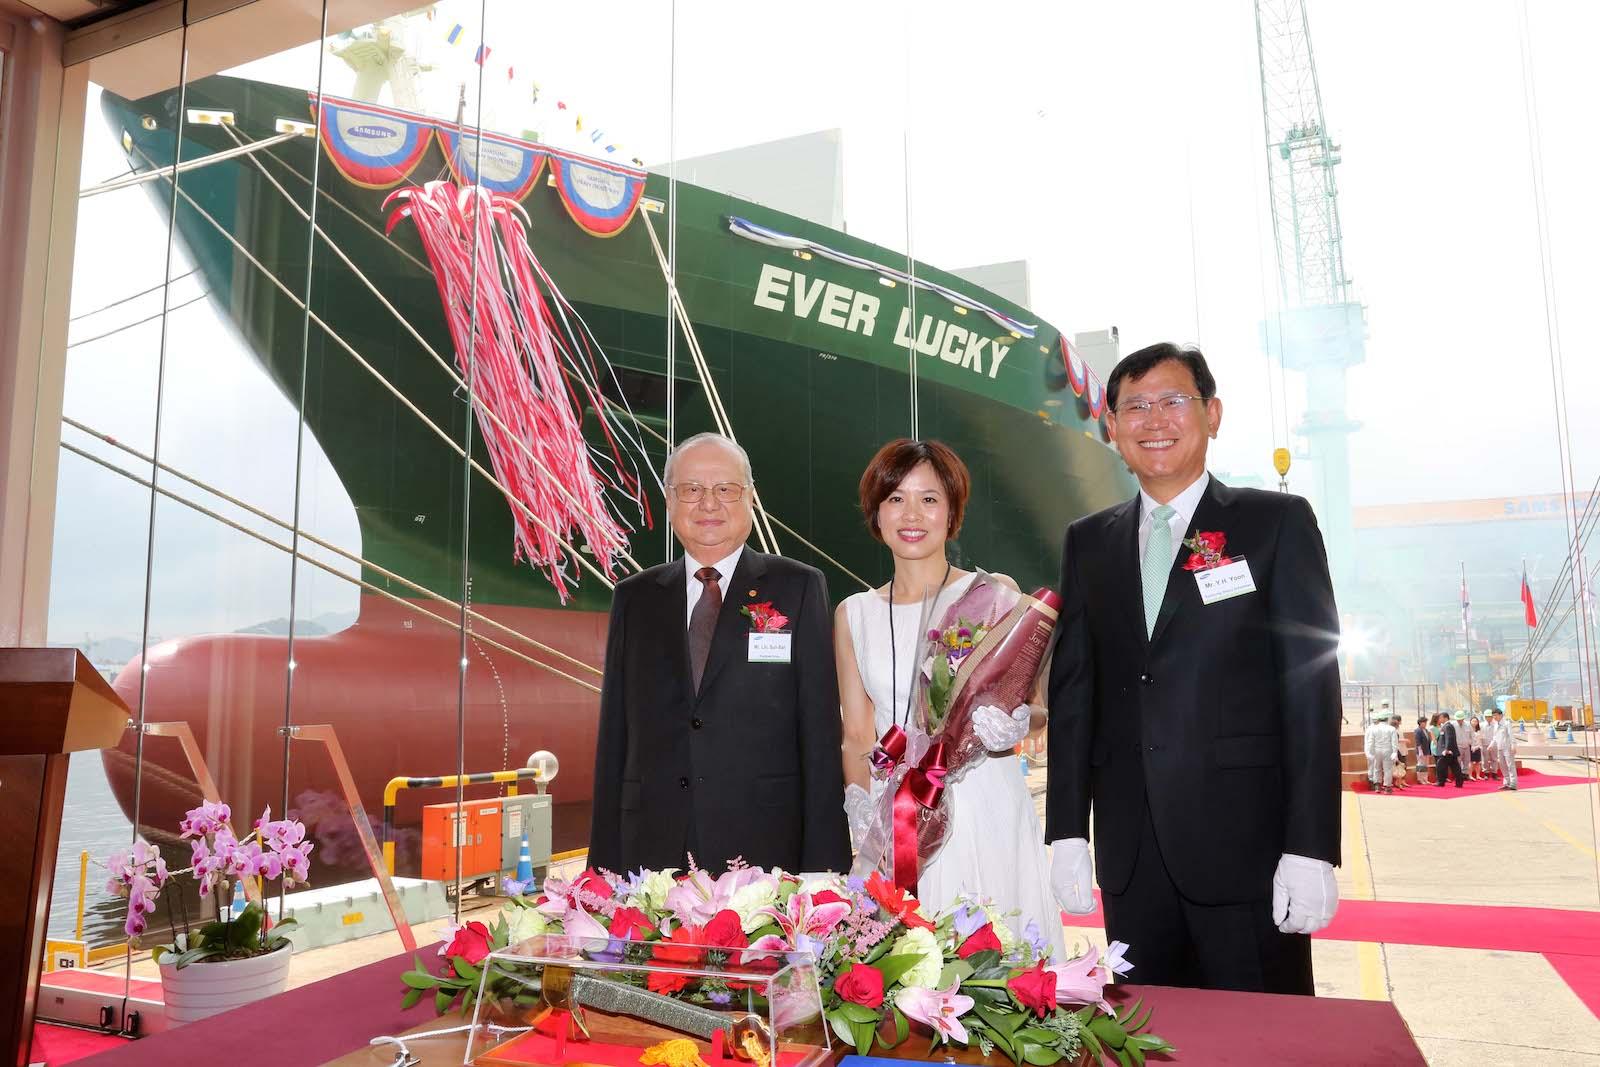 8,452-TEU Ever Lucky to enter Evergreen's Asia-USWC service